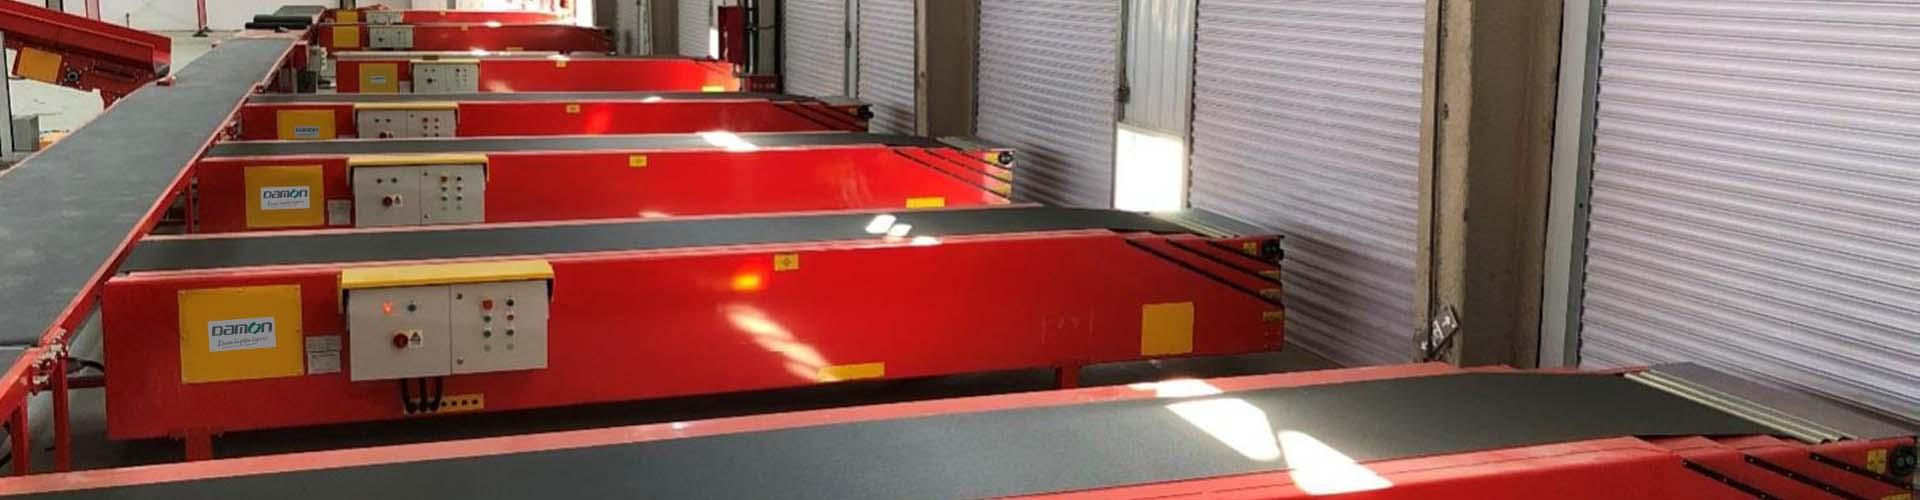 Truck Loading / Unloading